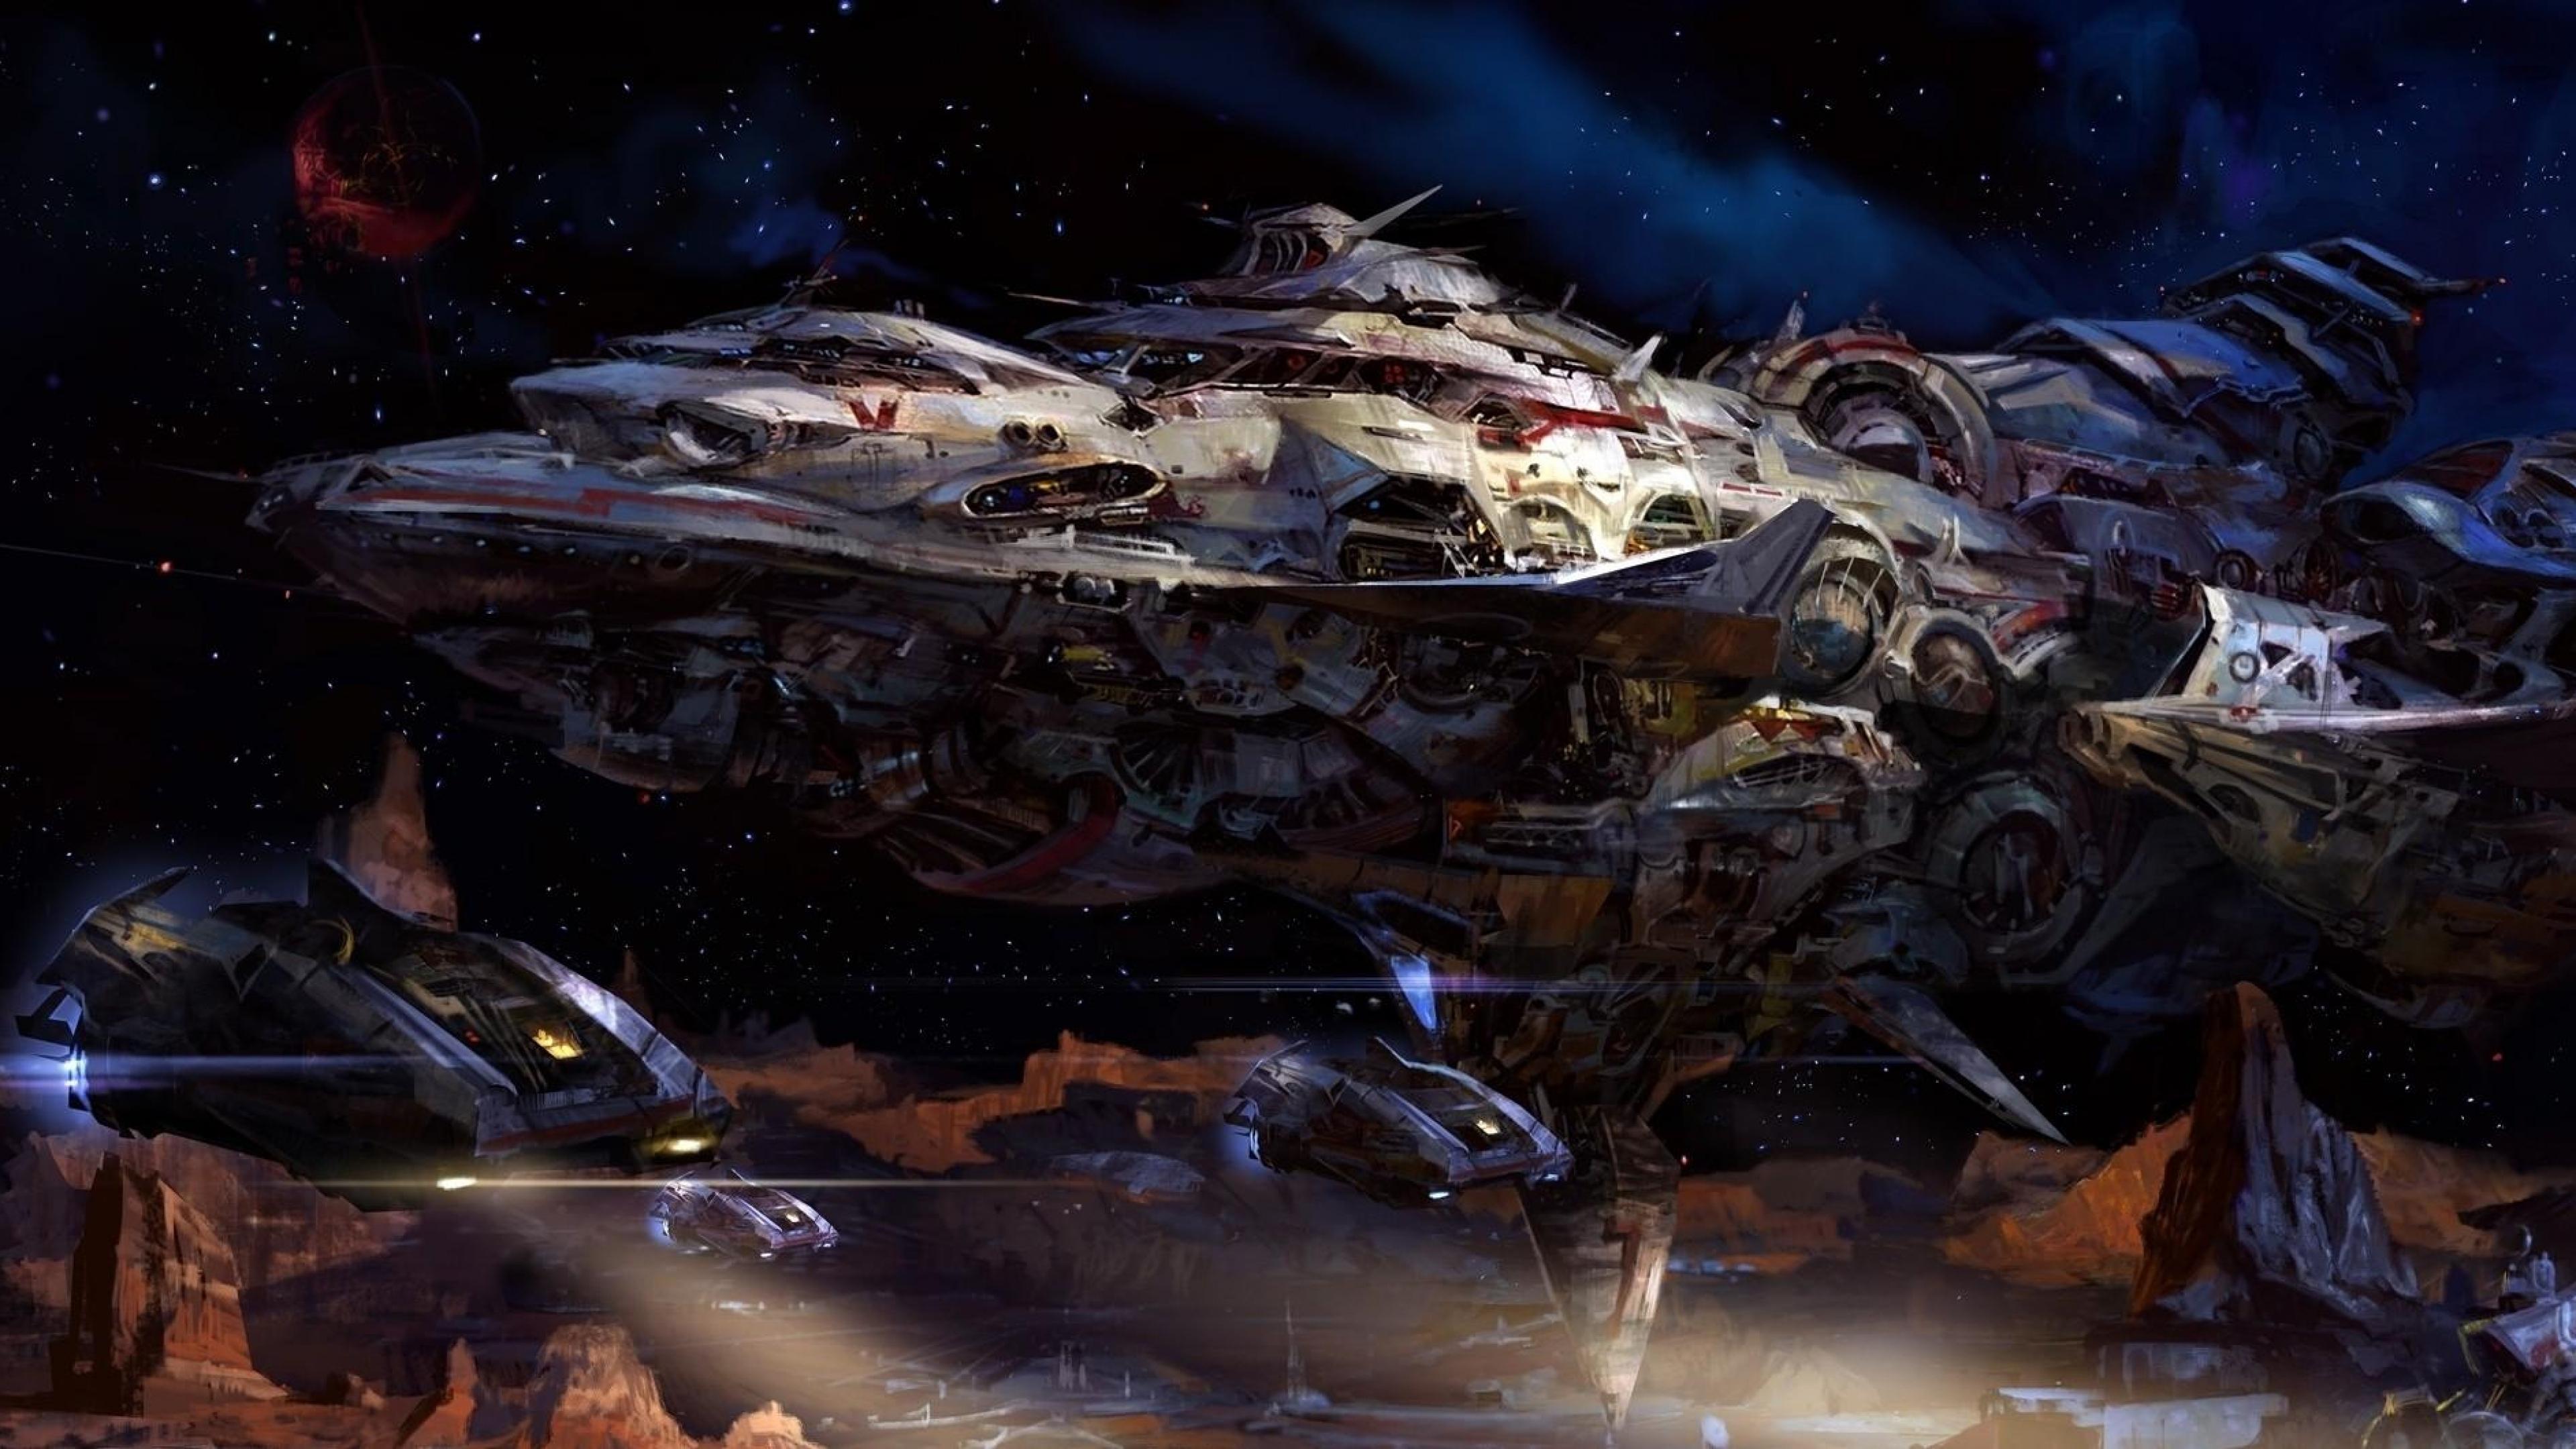 4k ultra hd space wallpaper wallpapersafari - Spaceship wallpaper 4k ...